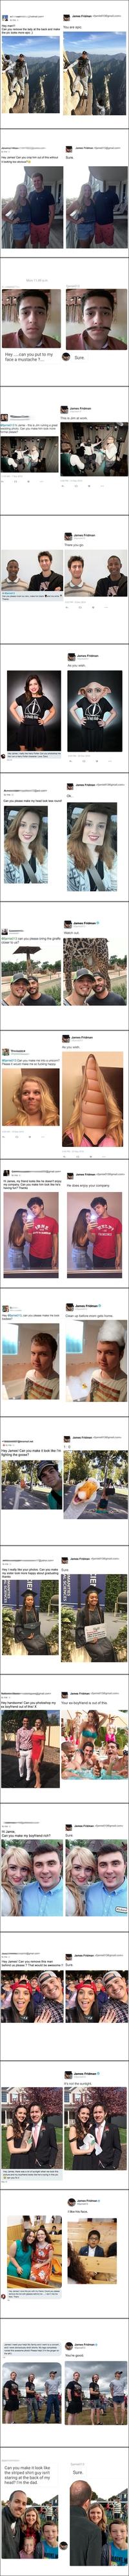 Photoshop troll 5